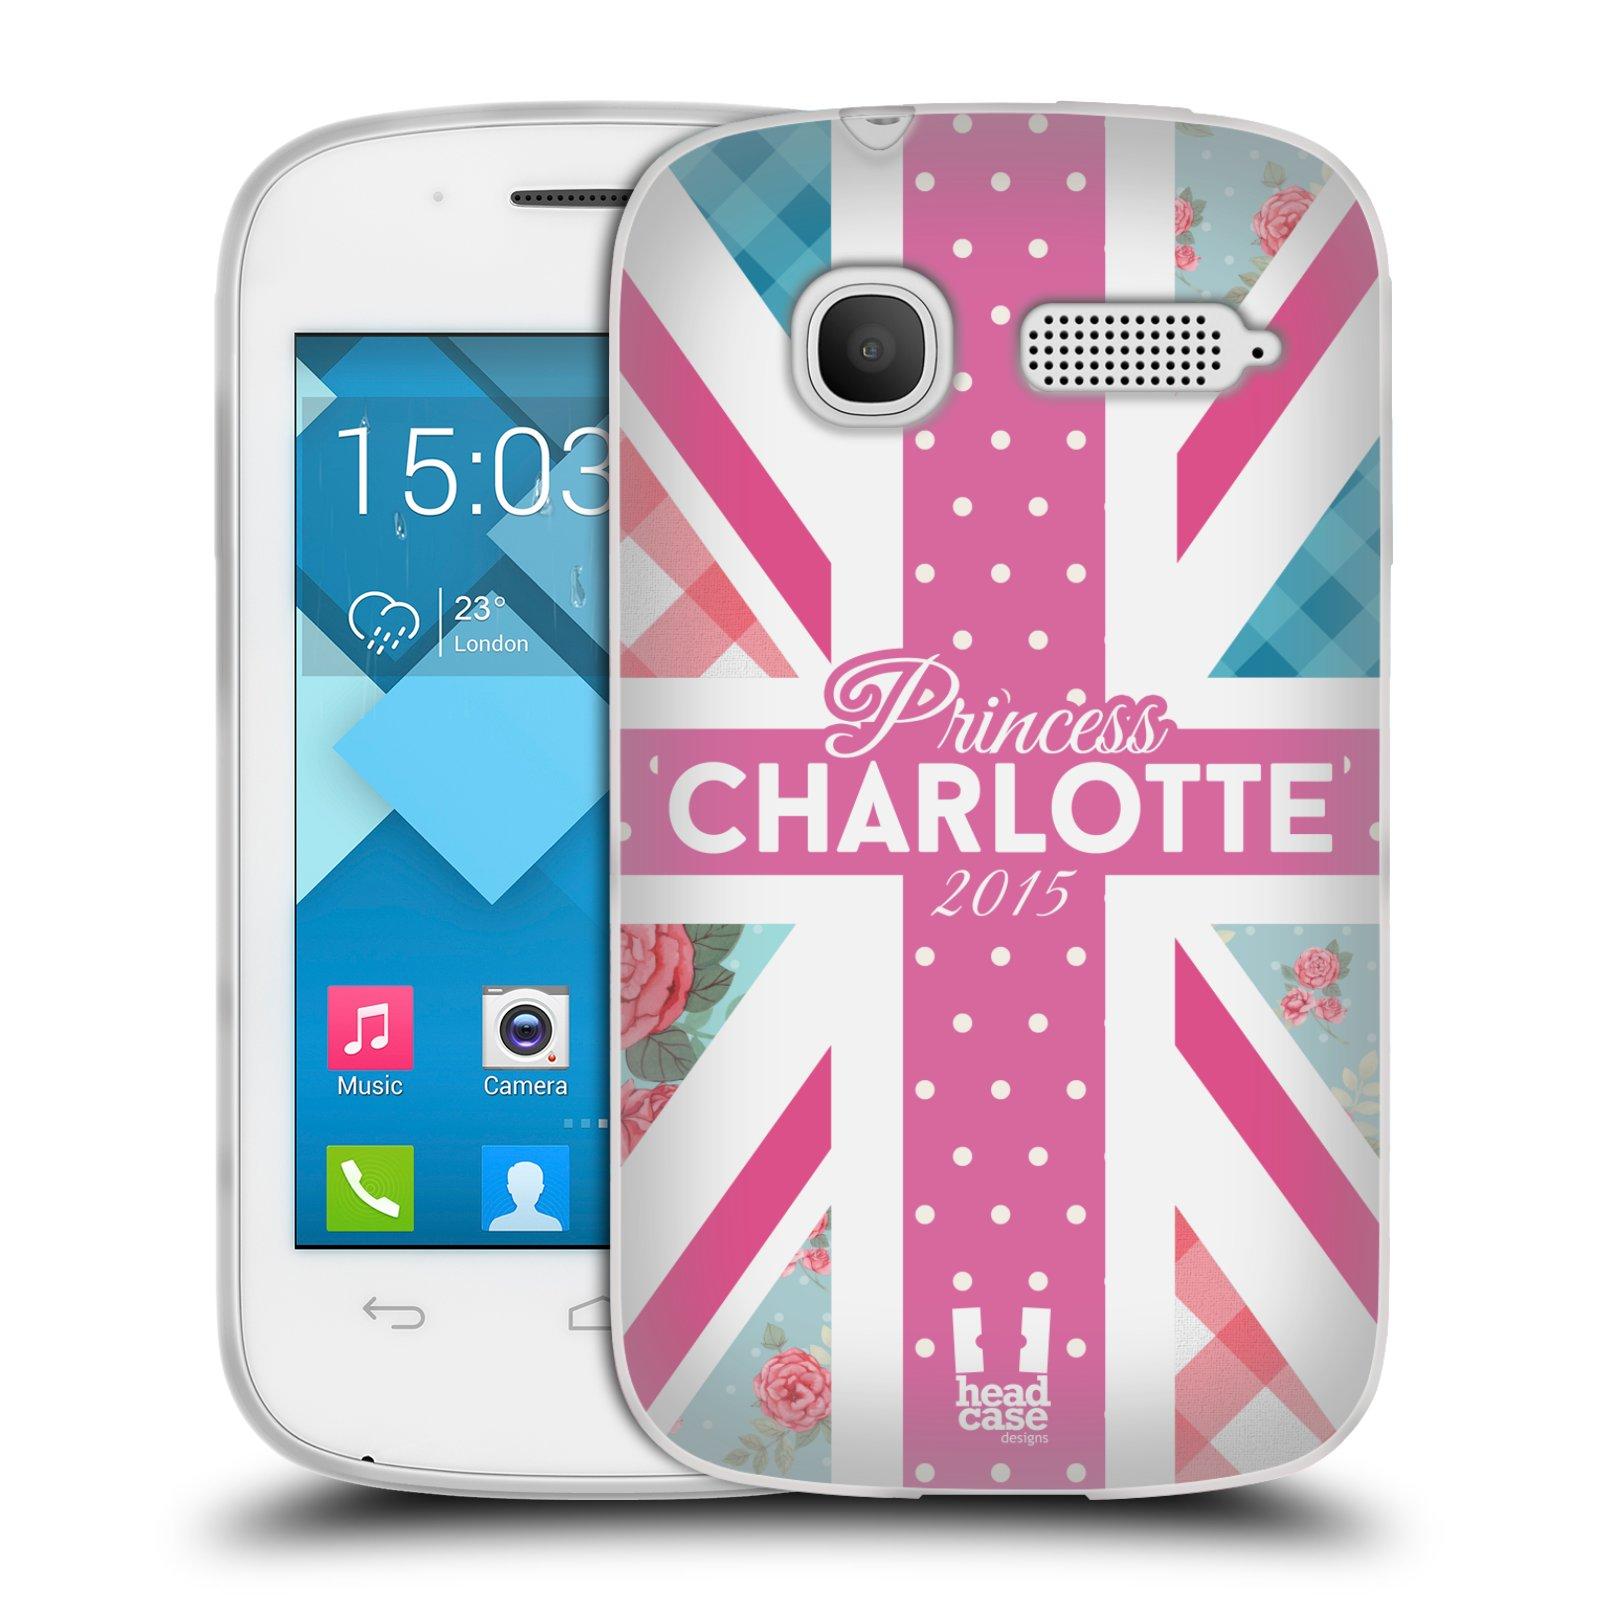 Silikonové pouzdro na mobil Alcatel One Touch Pop C1 HEAD CASE PRINCEZNIČKA CHARLOTTE (Silikonový kryt či obal na mobilní telefon Alcatel OT-4015D POP C1)